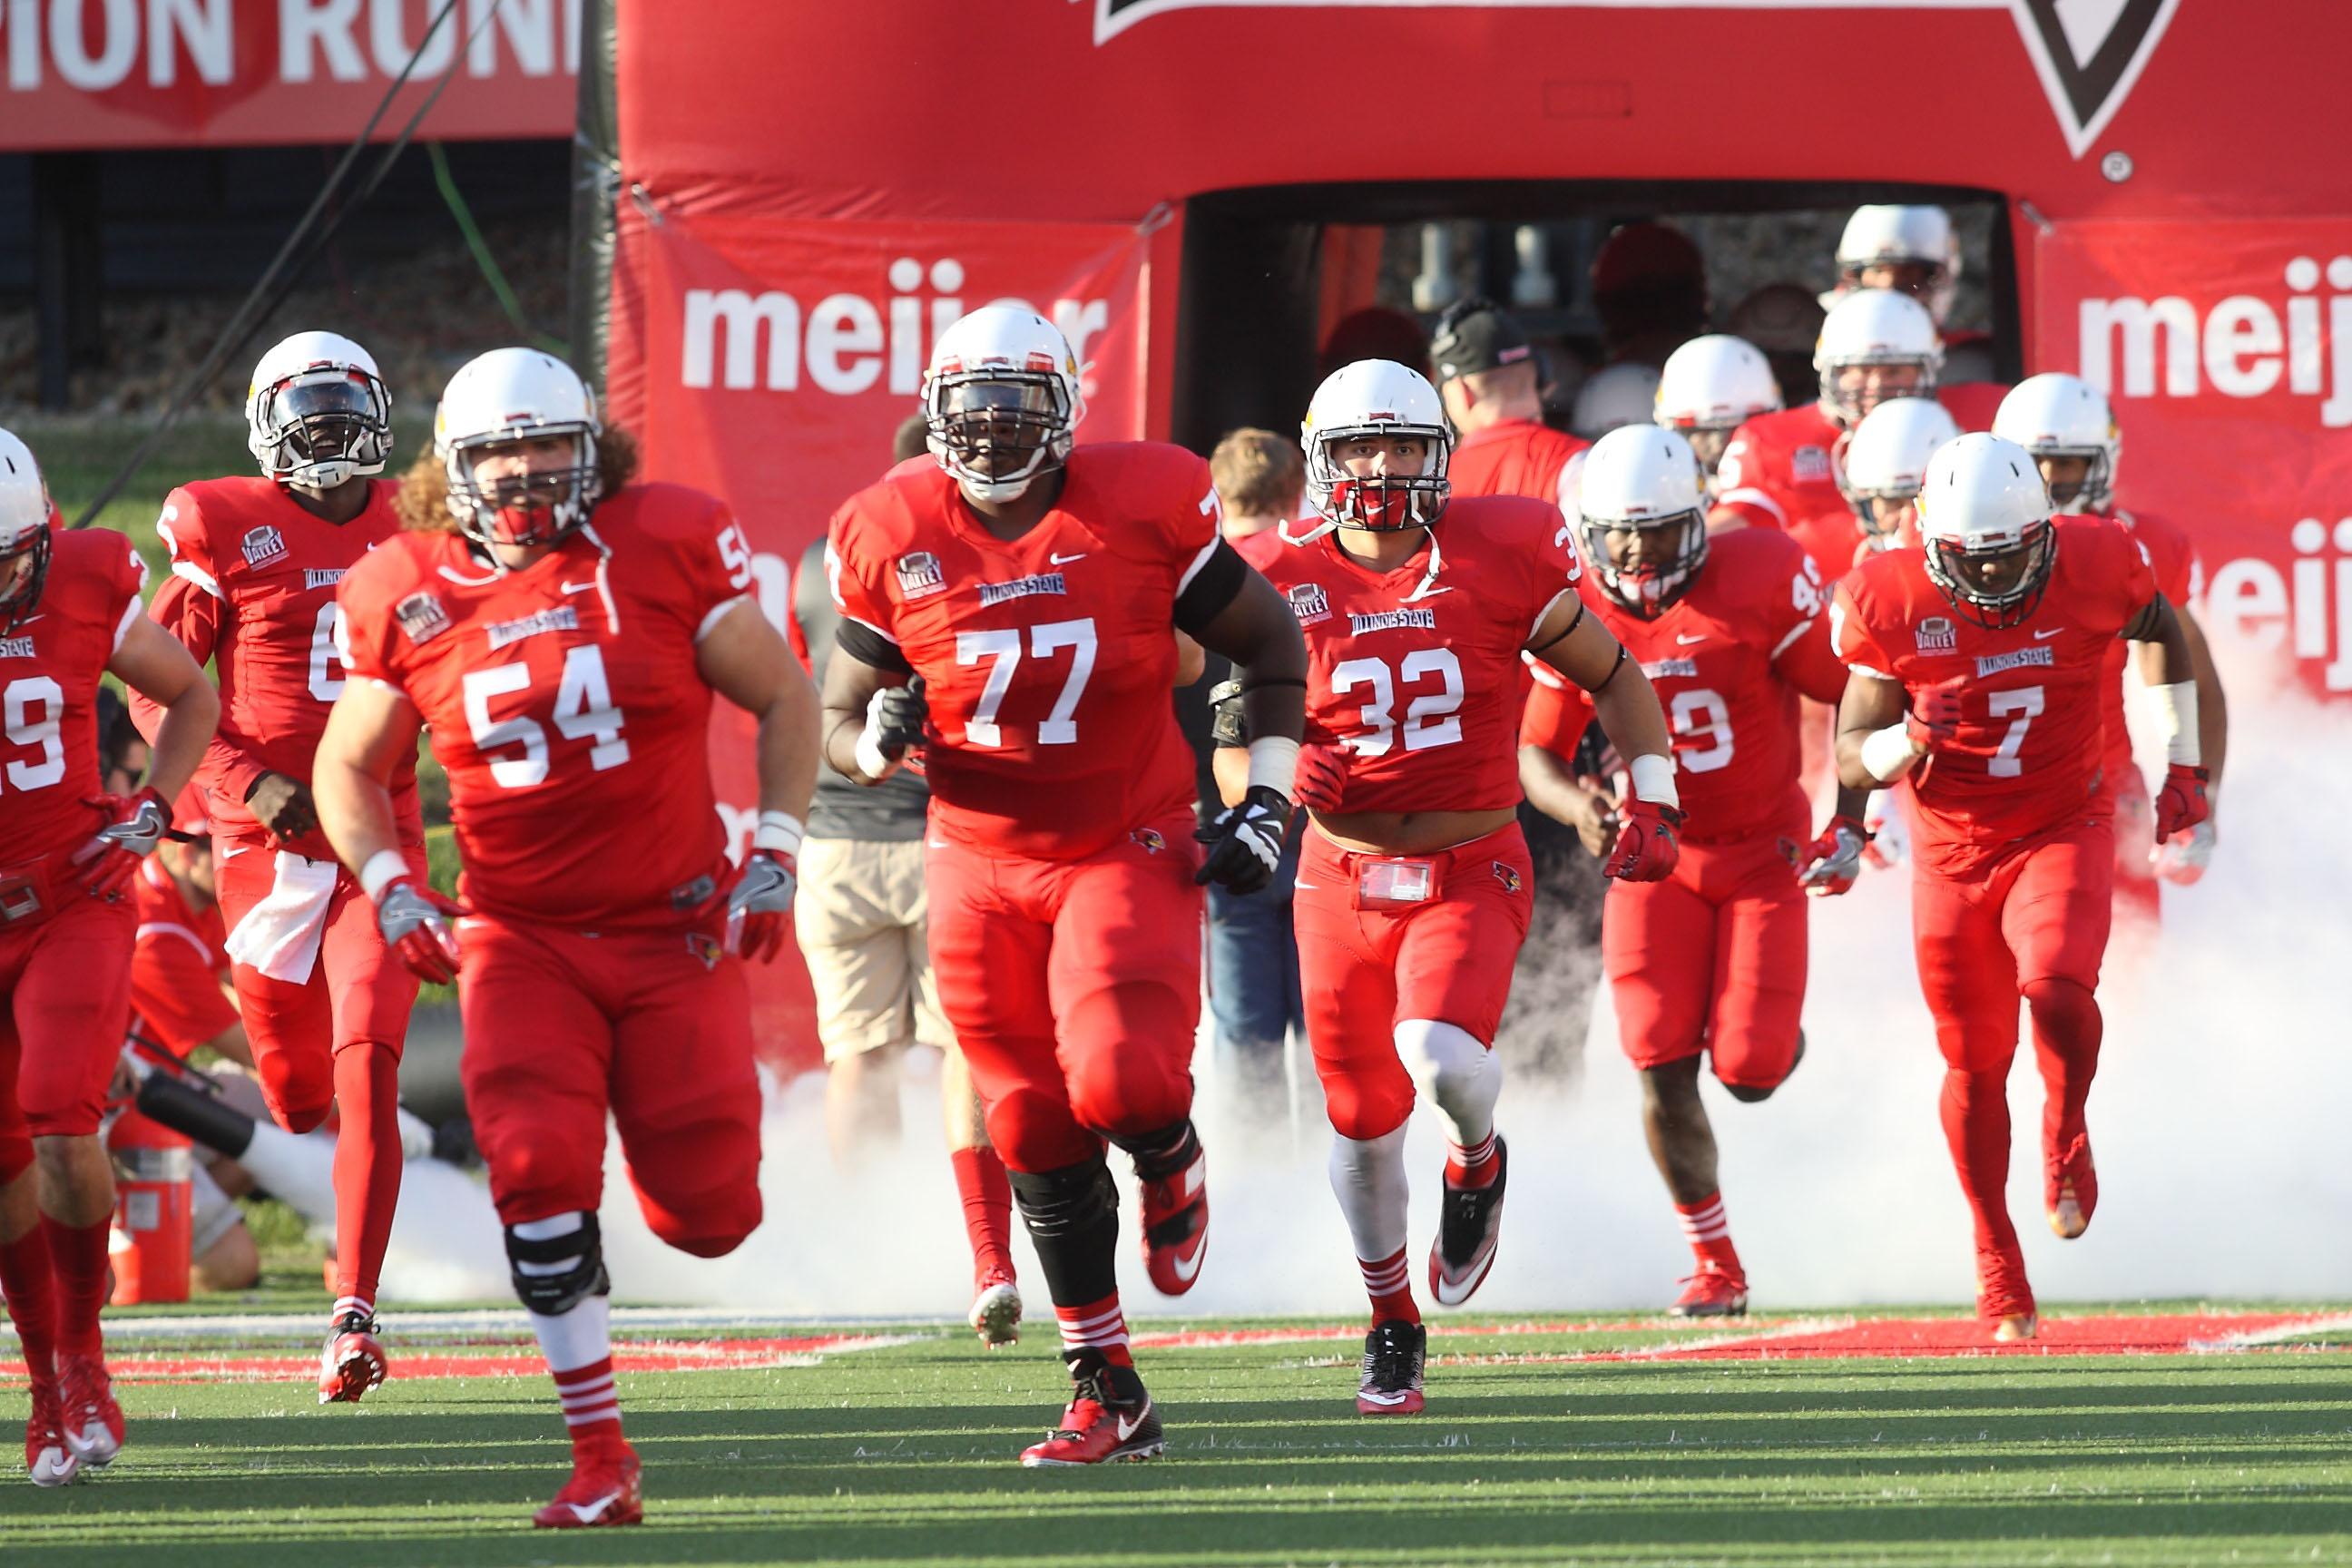 Redbird football players running onto the field